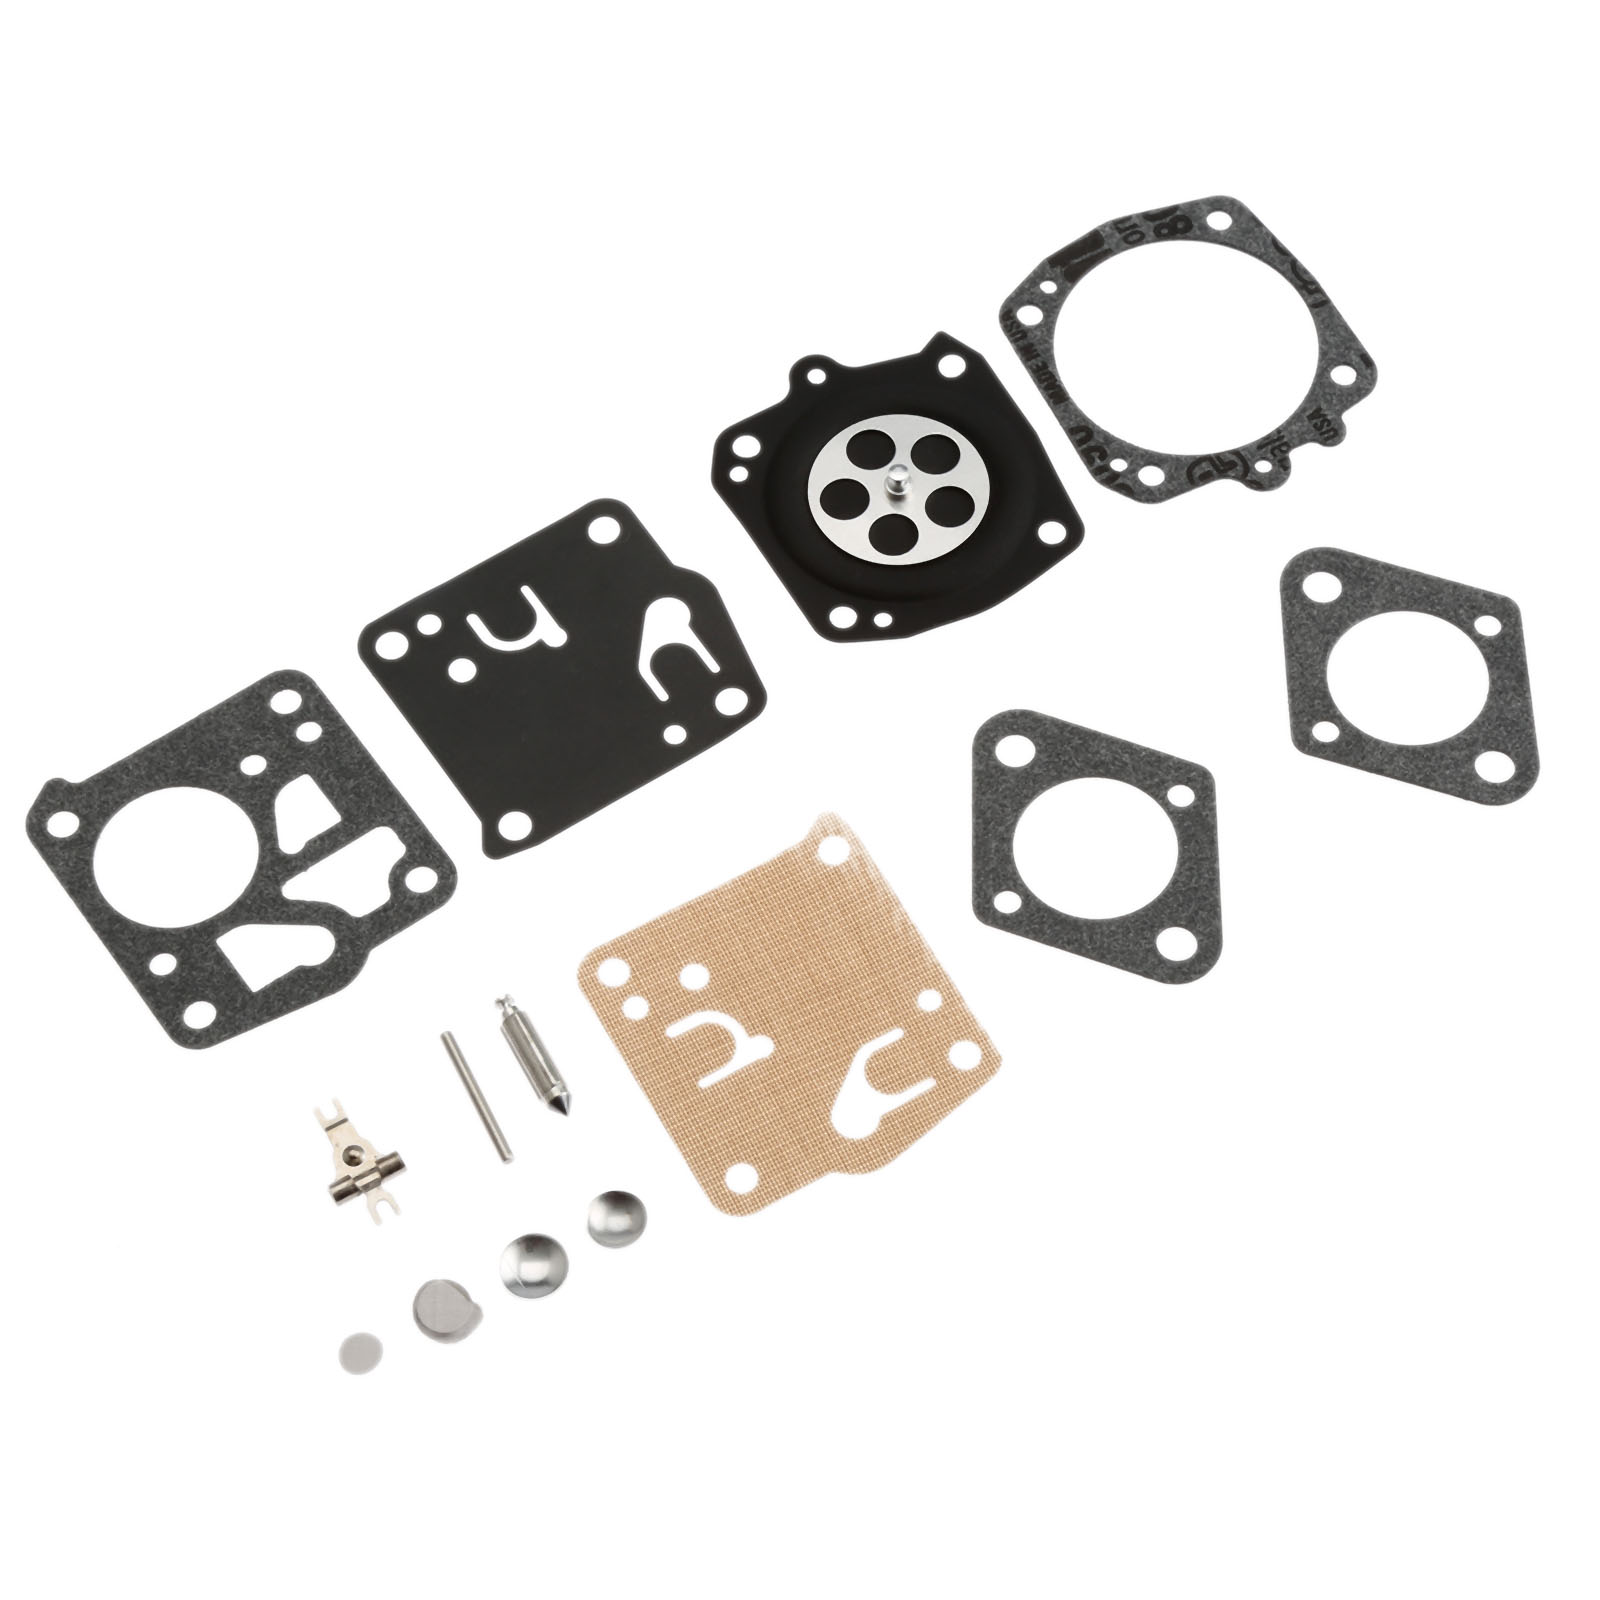 US $2 99 20% OFF DRELD Carburetor Carb Repair Tool Kit for Tillotson  Homelite XL 12 Super XL RK 23HS RK23HS RK 23 HS Carburetor Chainsaw  Parts-in Tool